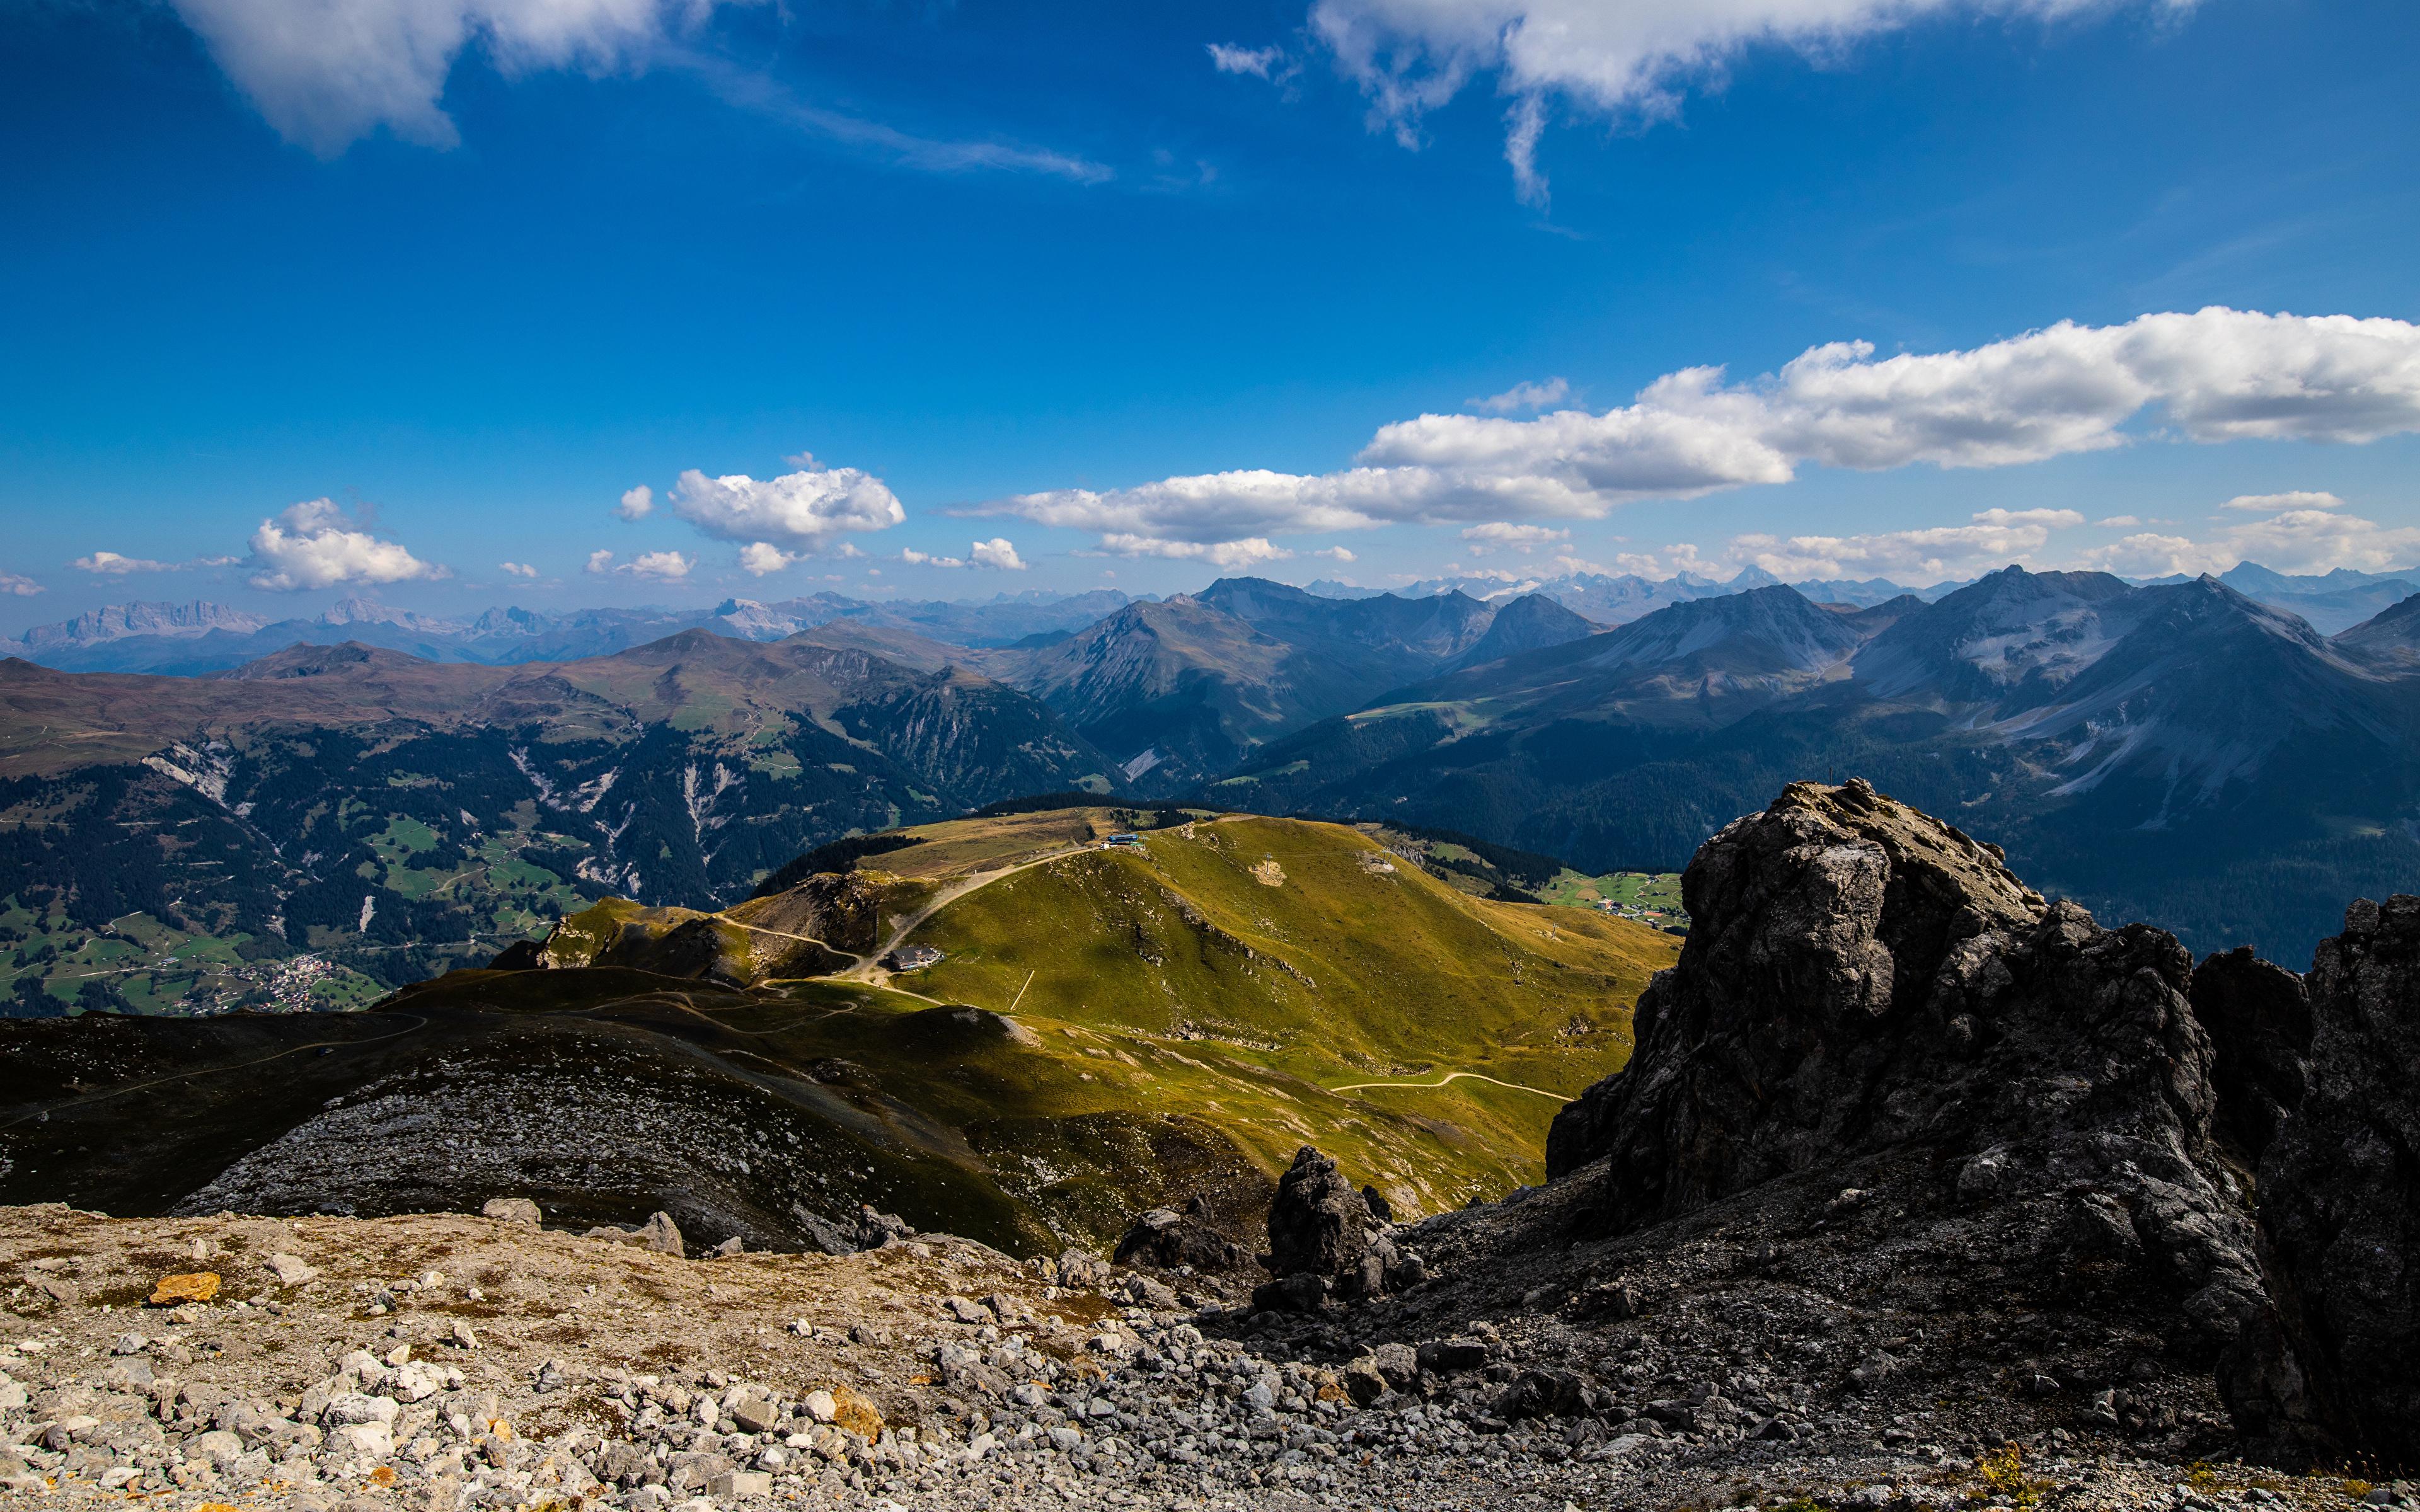 Фото альп Швейцария Graubünden гора Природа Небо Облака 3840x2400 Альпы Горы облако облачно